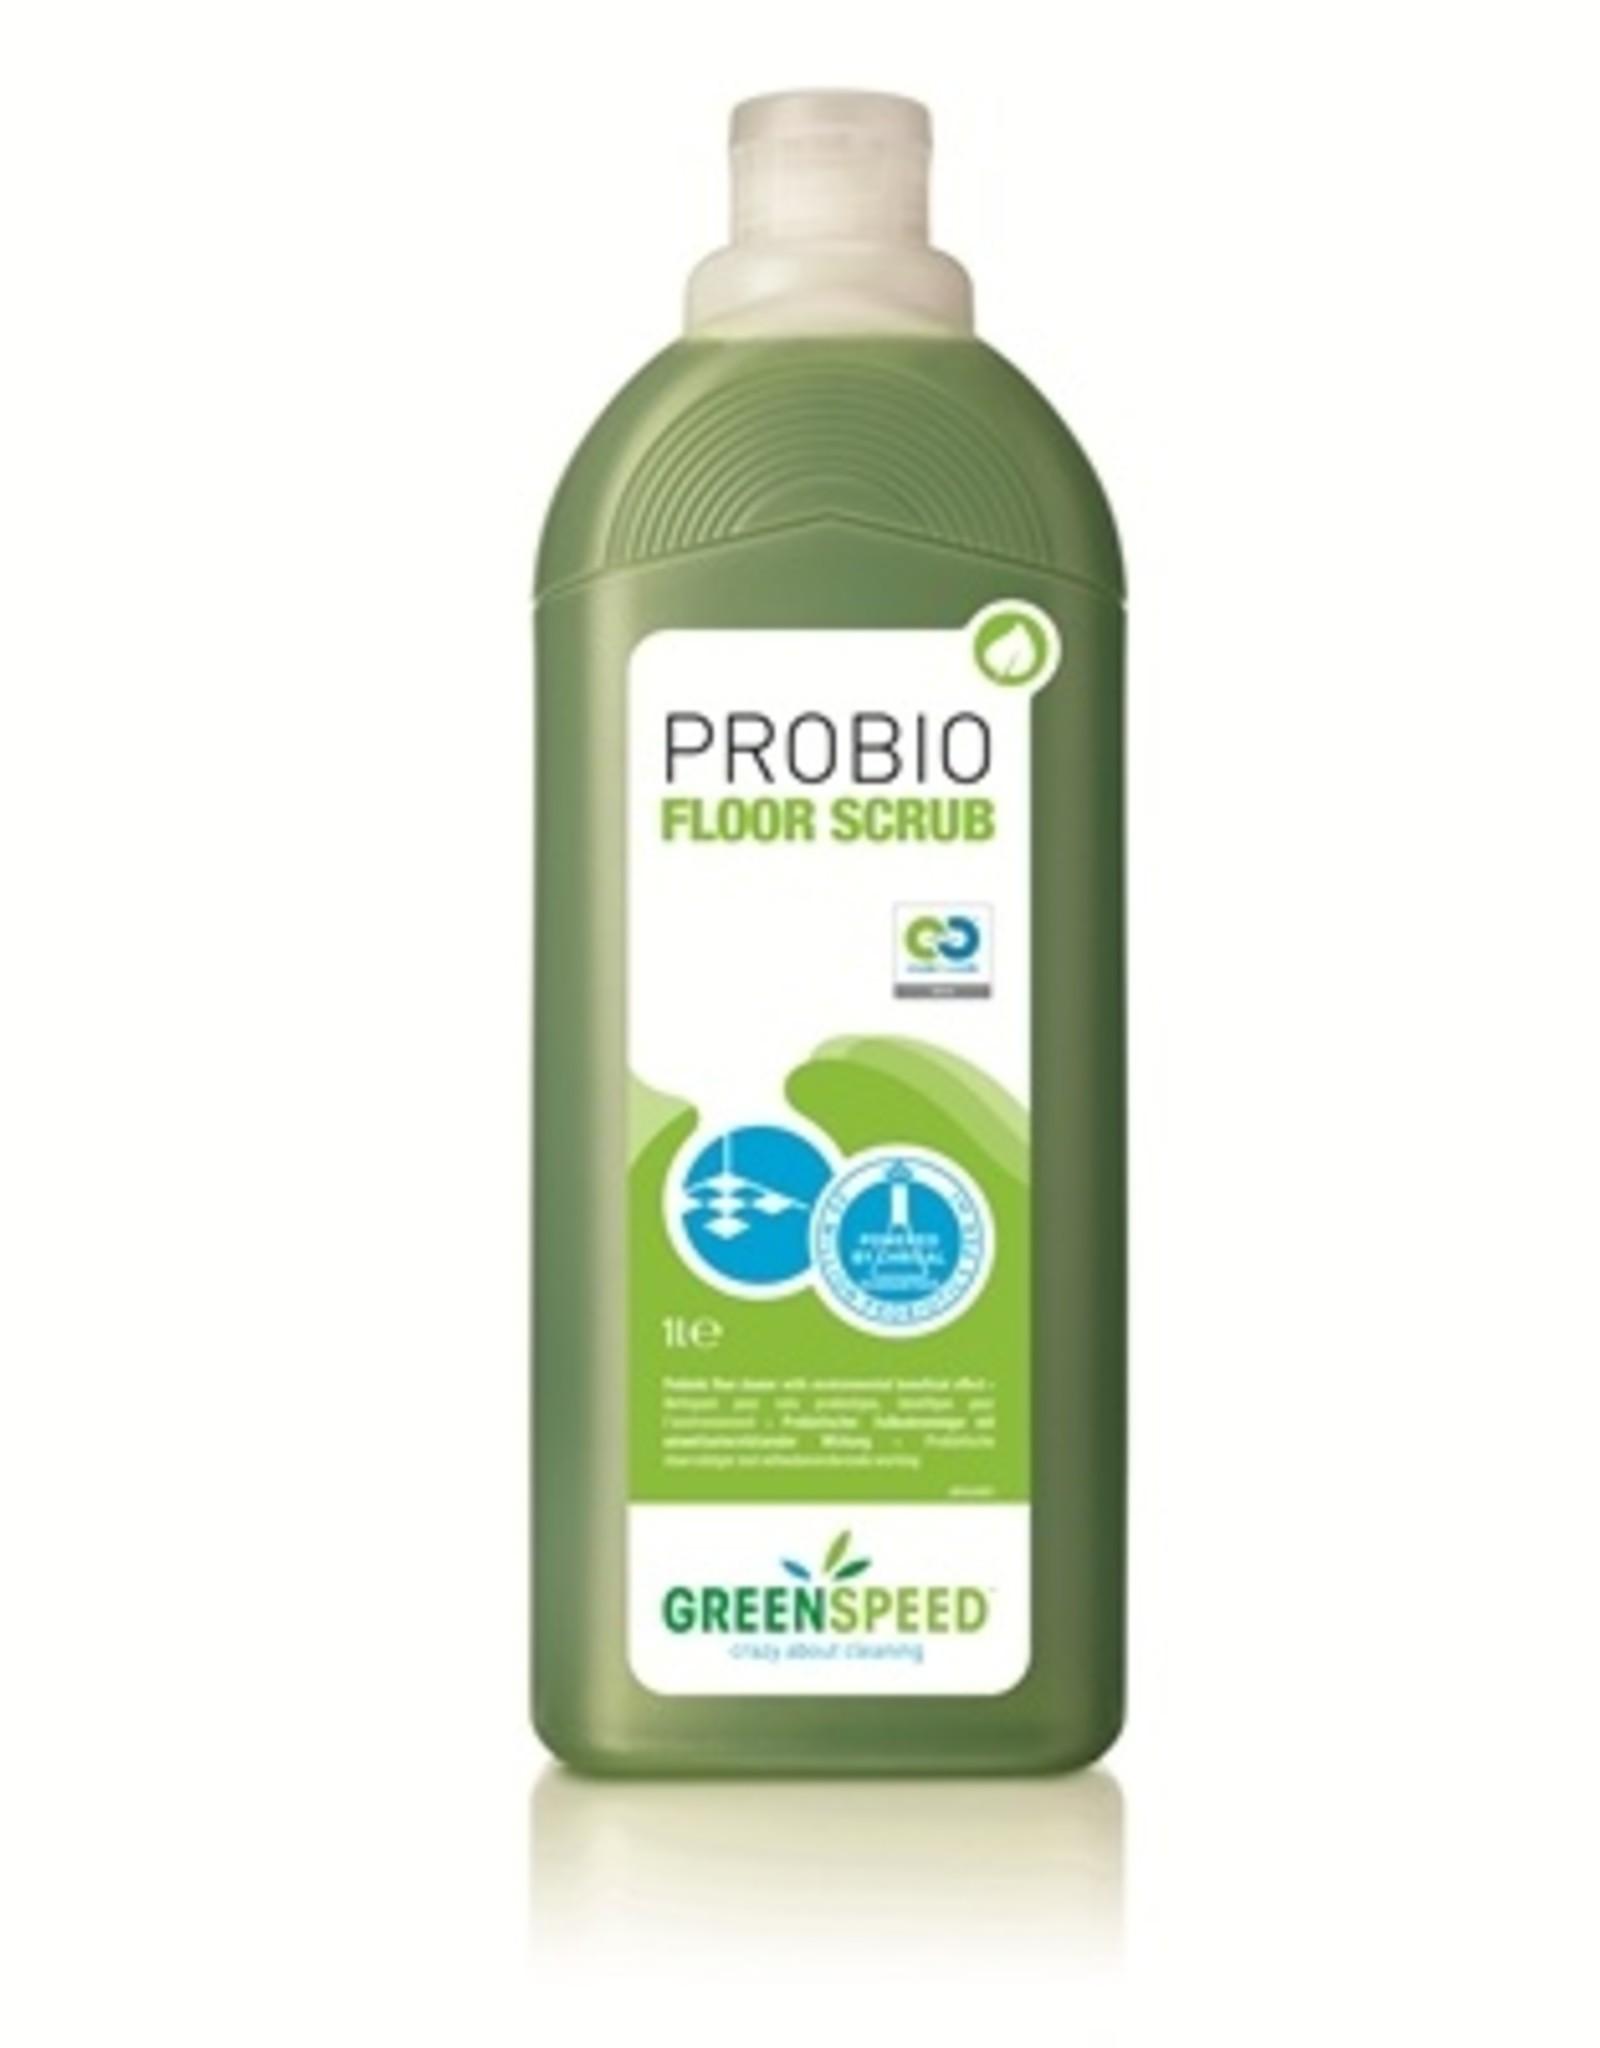 Probiologische  vloerreiniger 1 liter flacon